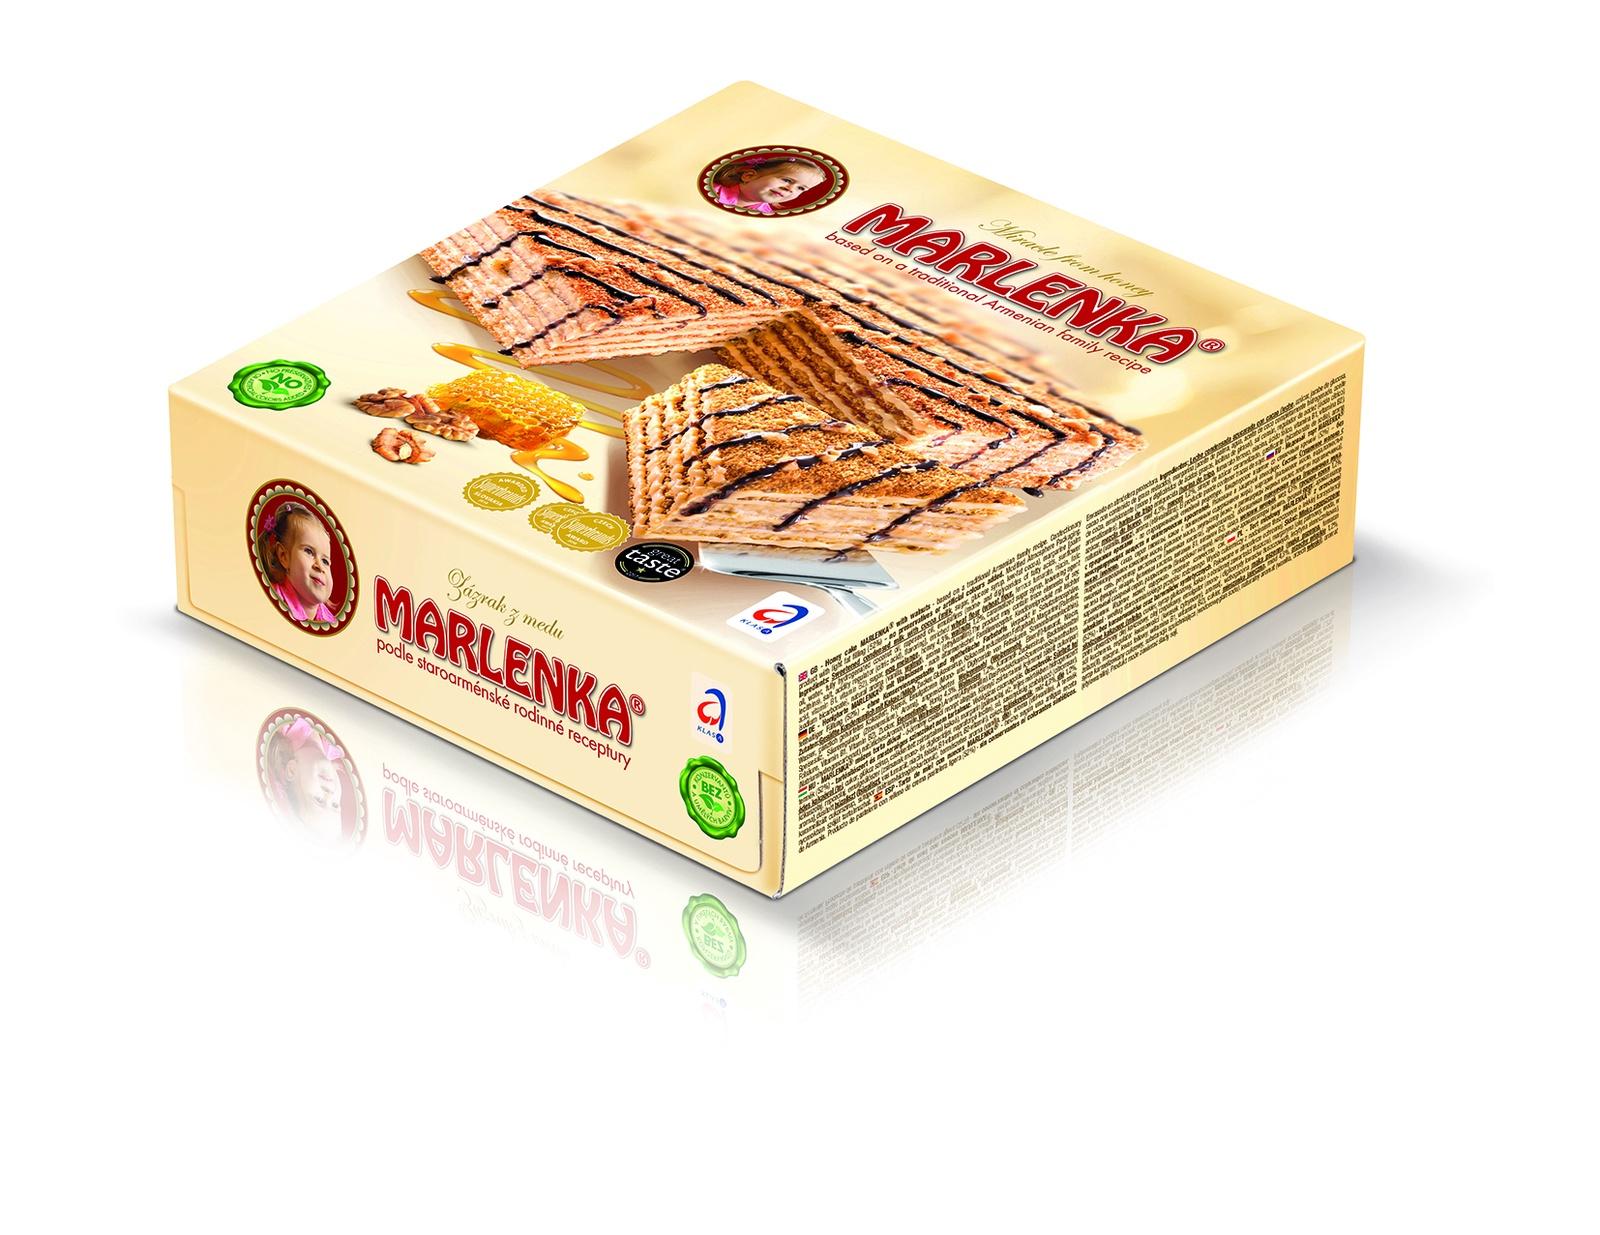 Торт медовый MARLENKA с грецкими орехами торт marlenka медовый с какао 100 г